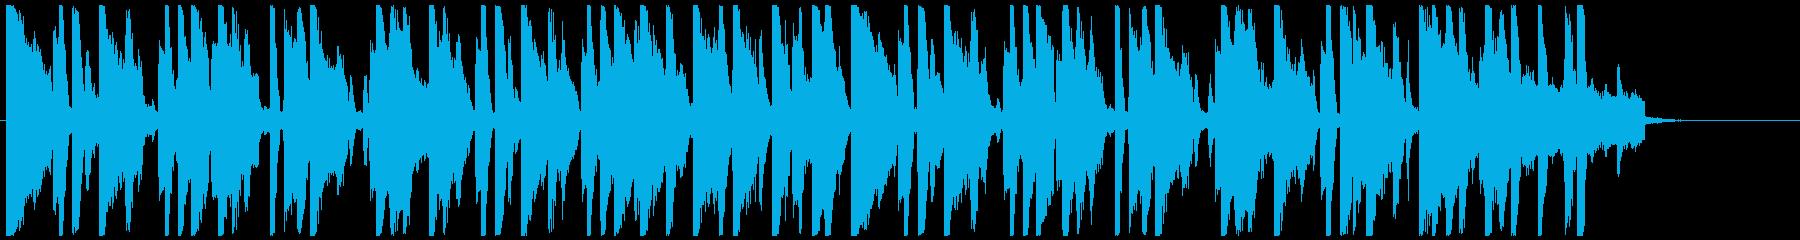 Kawaii系の穏やかな短めのBGMの再生済みの波形